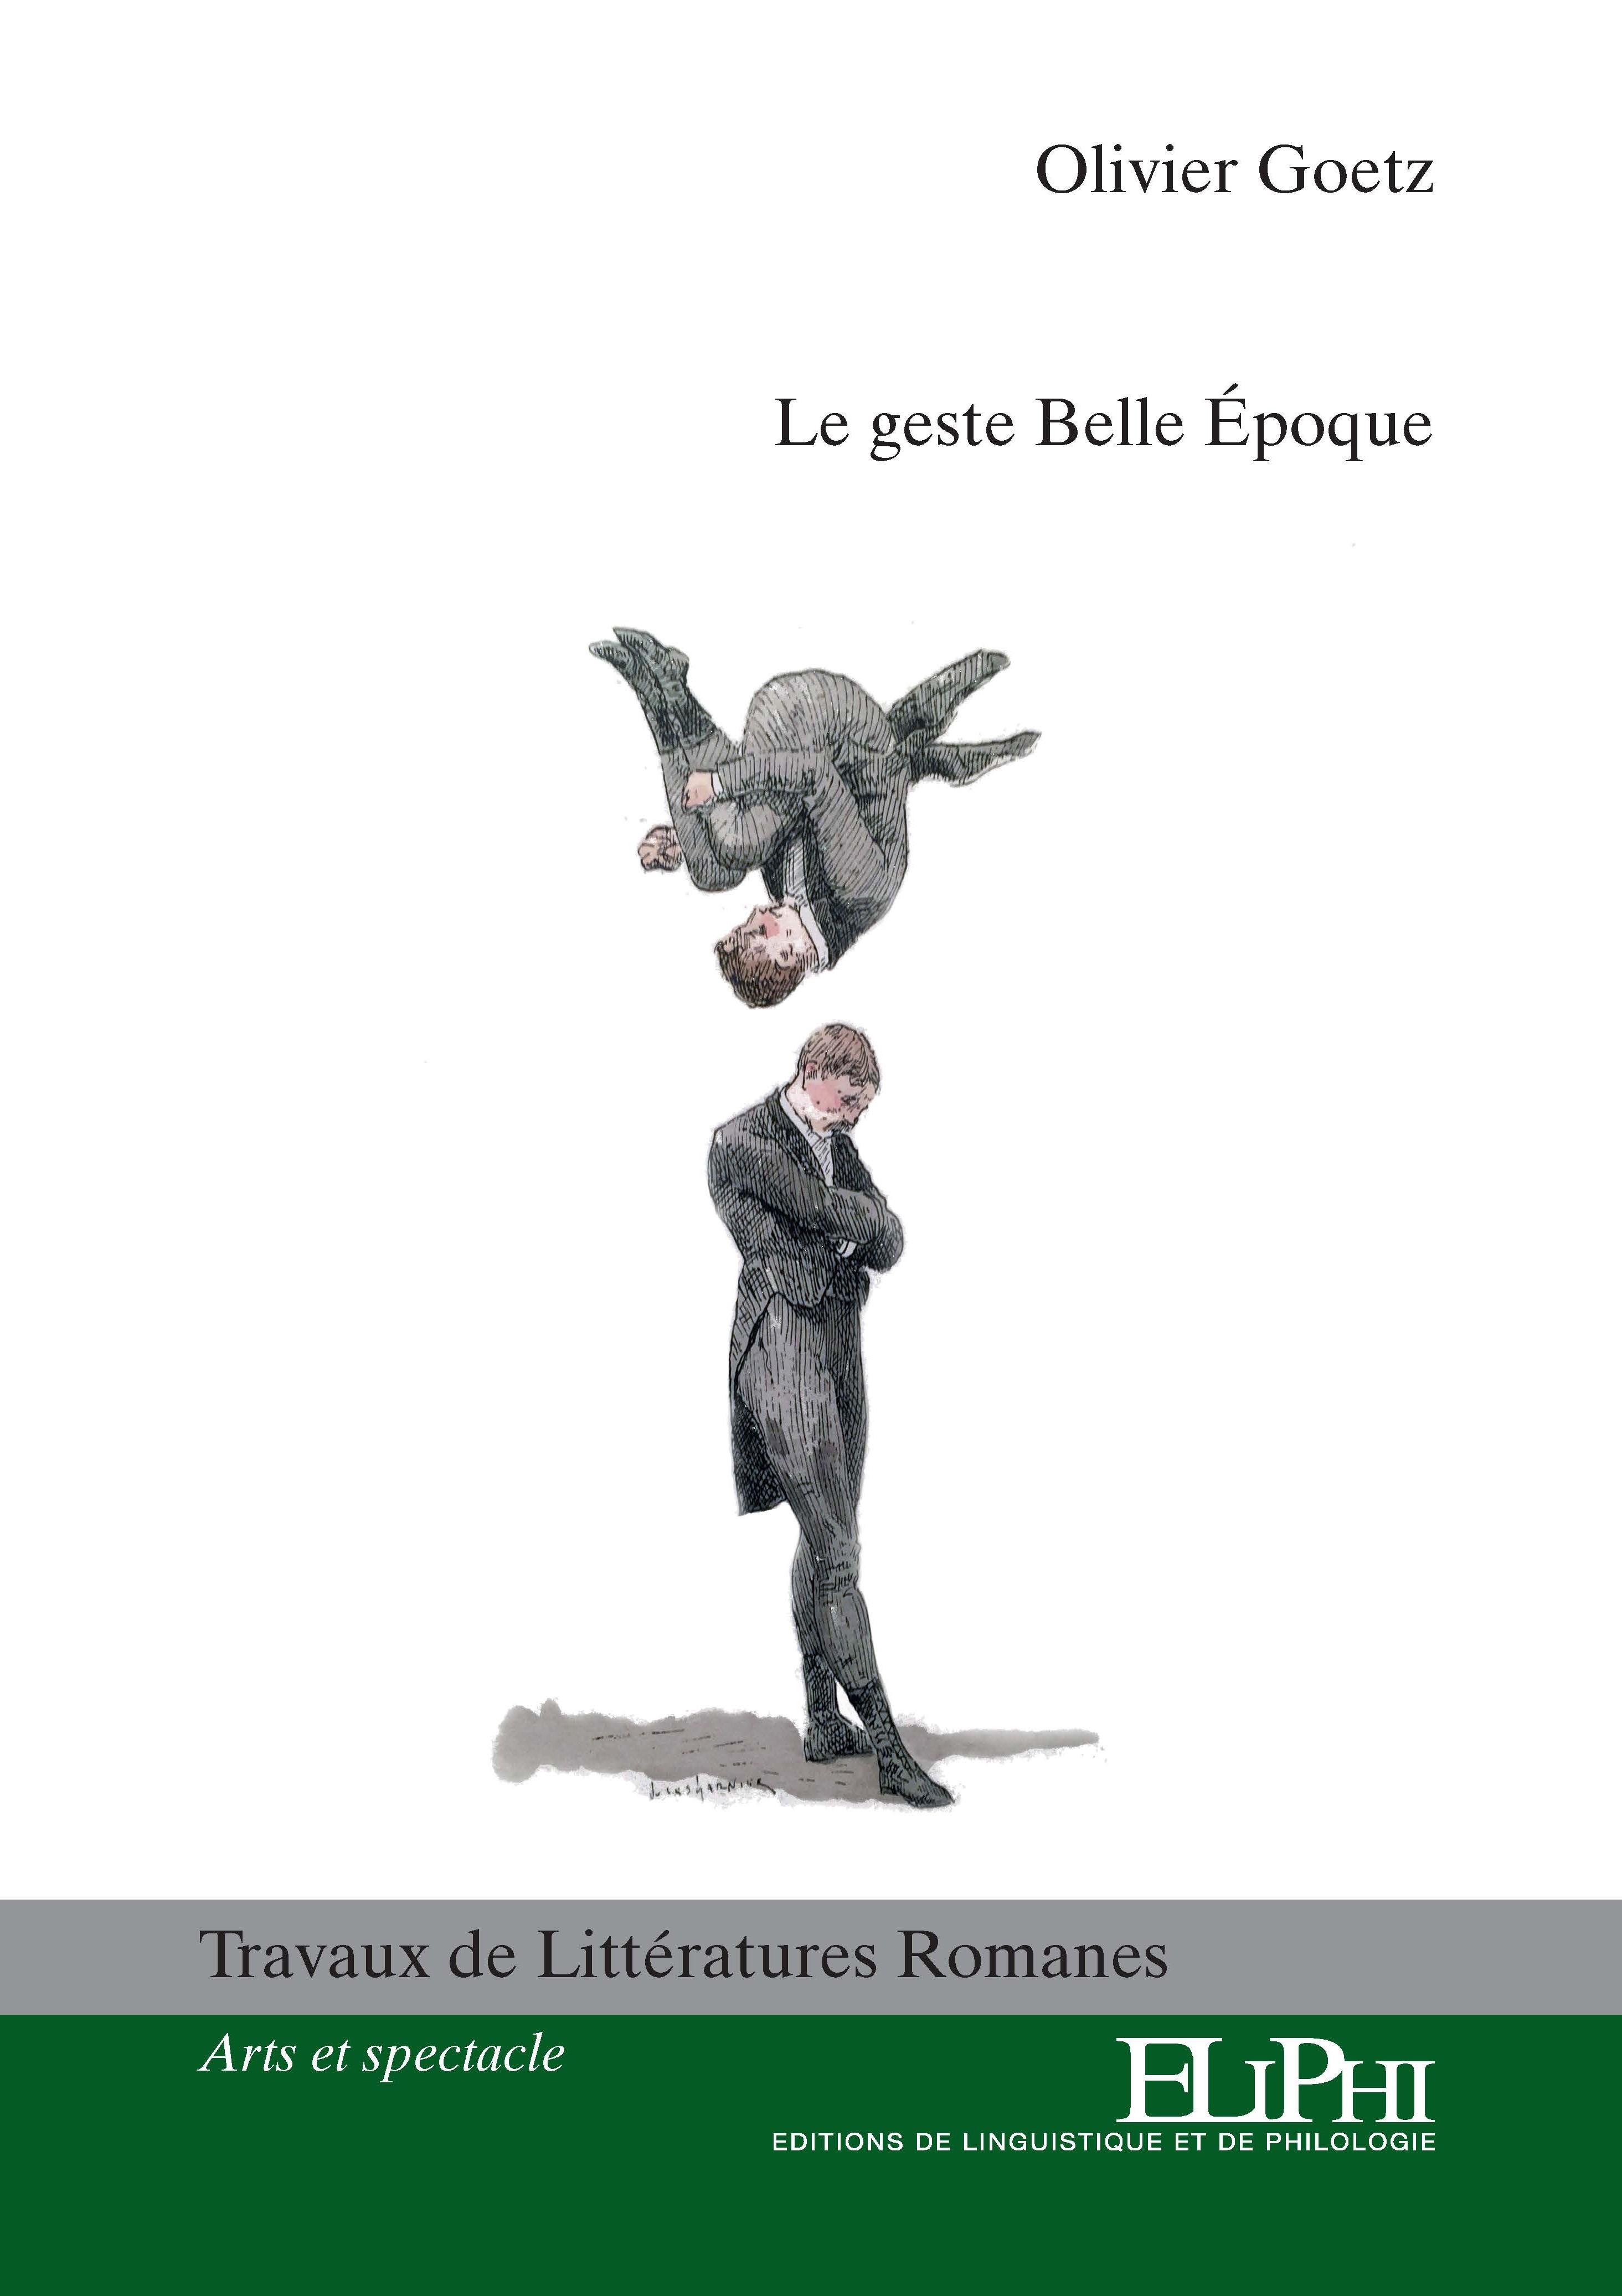 O. Goetz, Le Geste Belle Époque